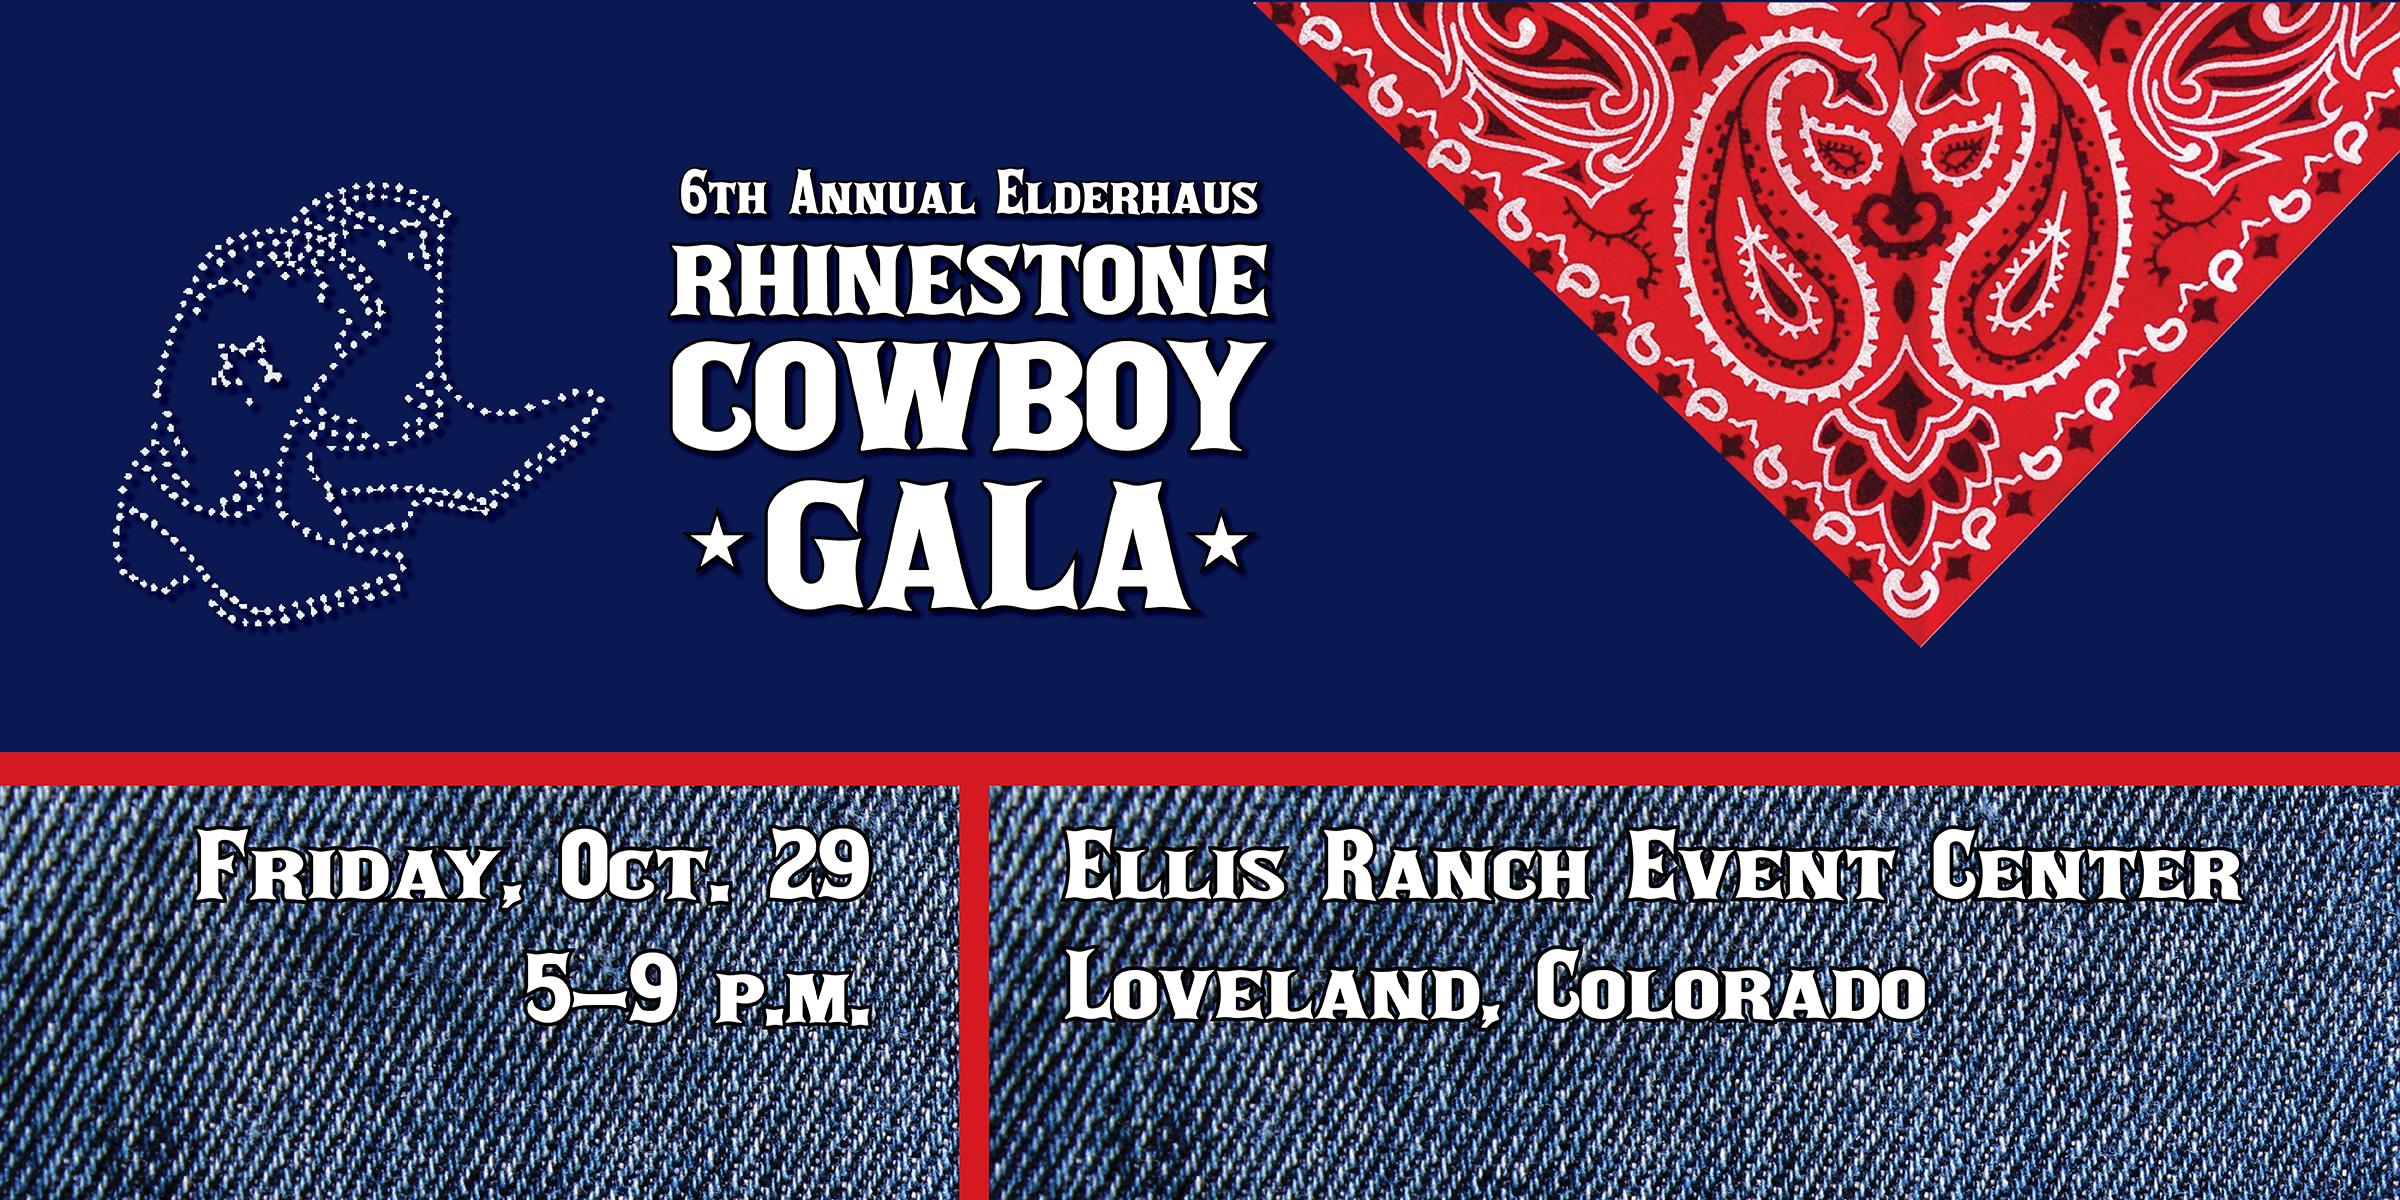 6th Annual Elderhaus Rhinestone Cowboy Gala